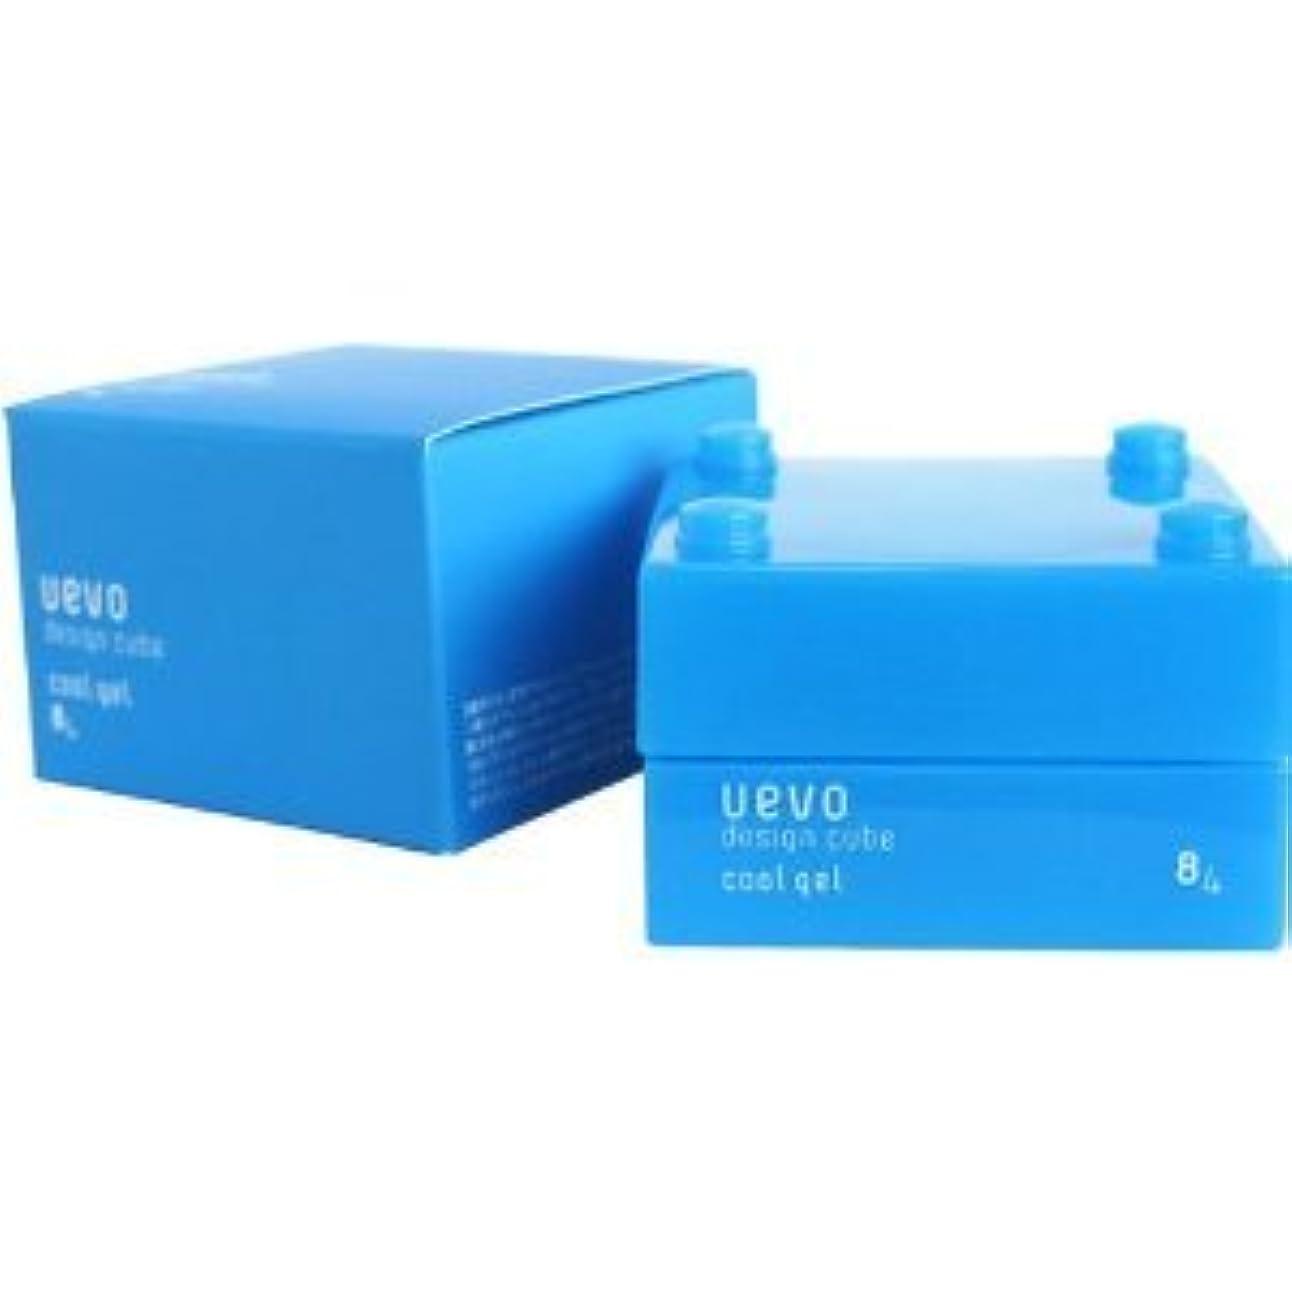 地質学人事する【X3個セット】 デミ ウェーボ デザインキューブ クールジェル 30g cool gel DEMI uevo design cube